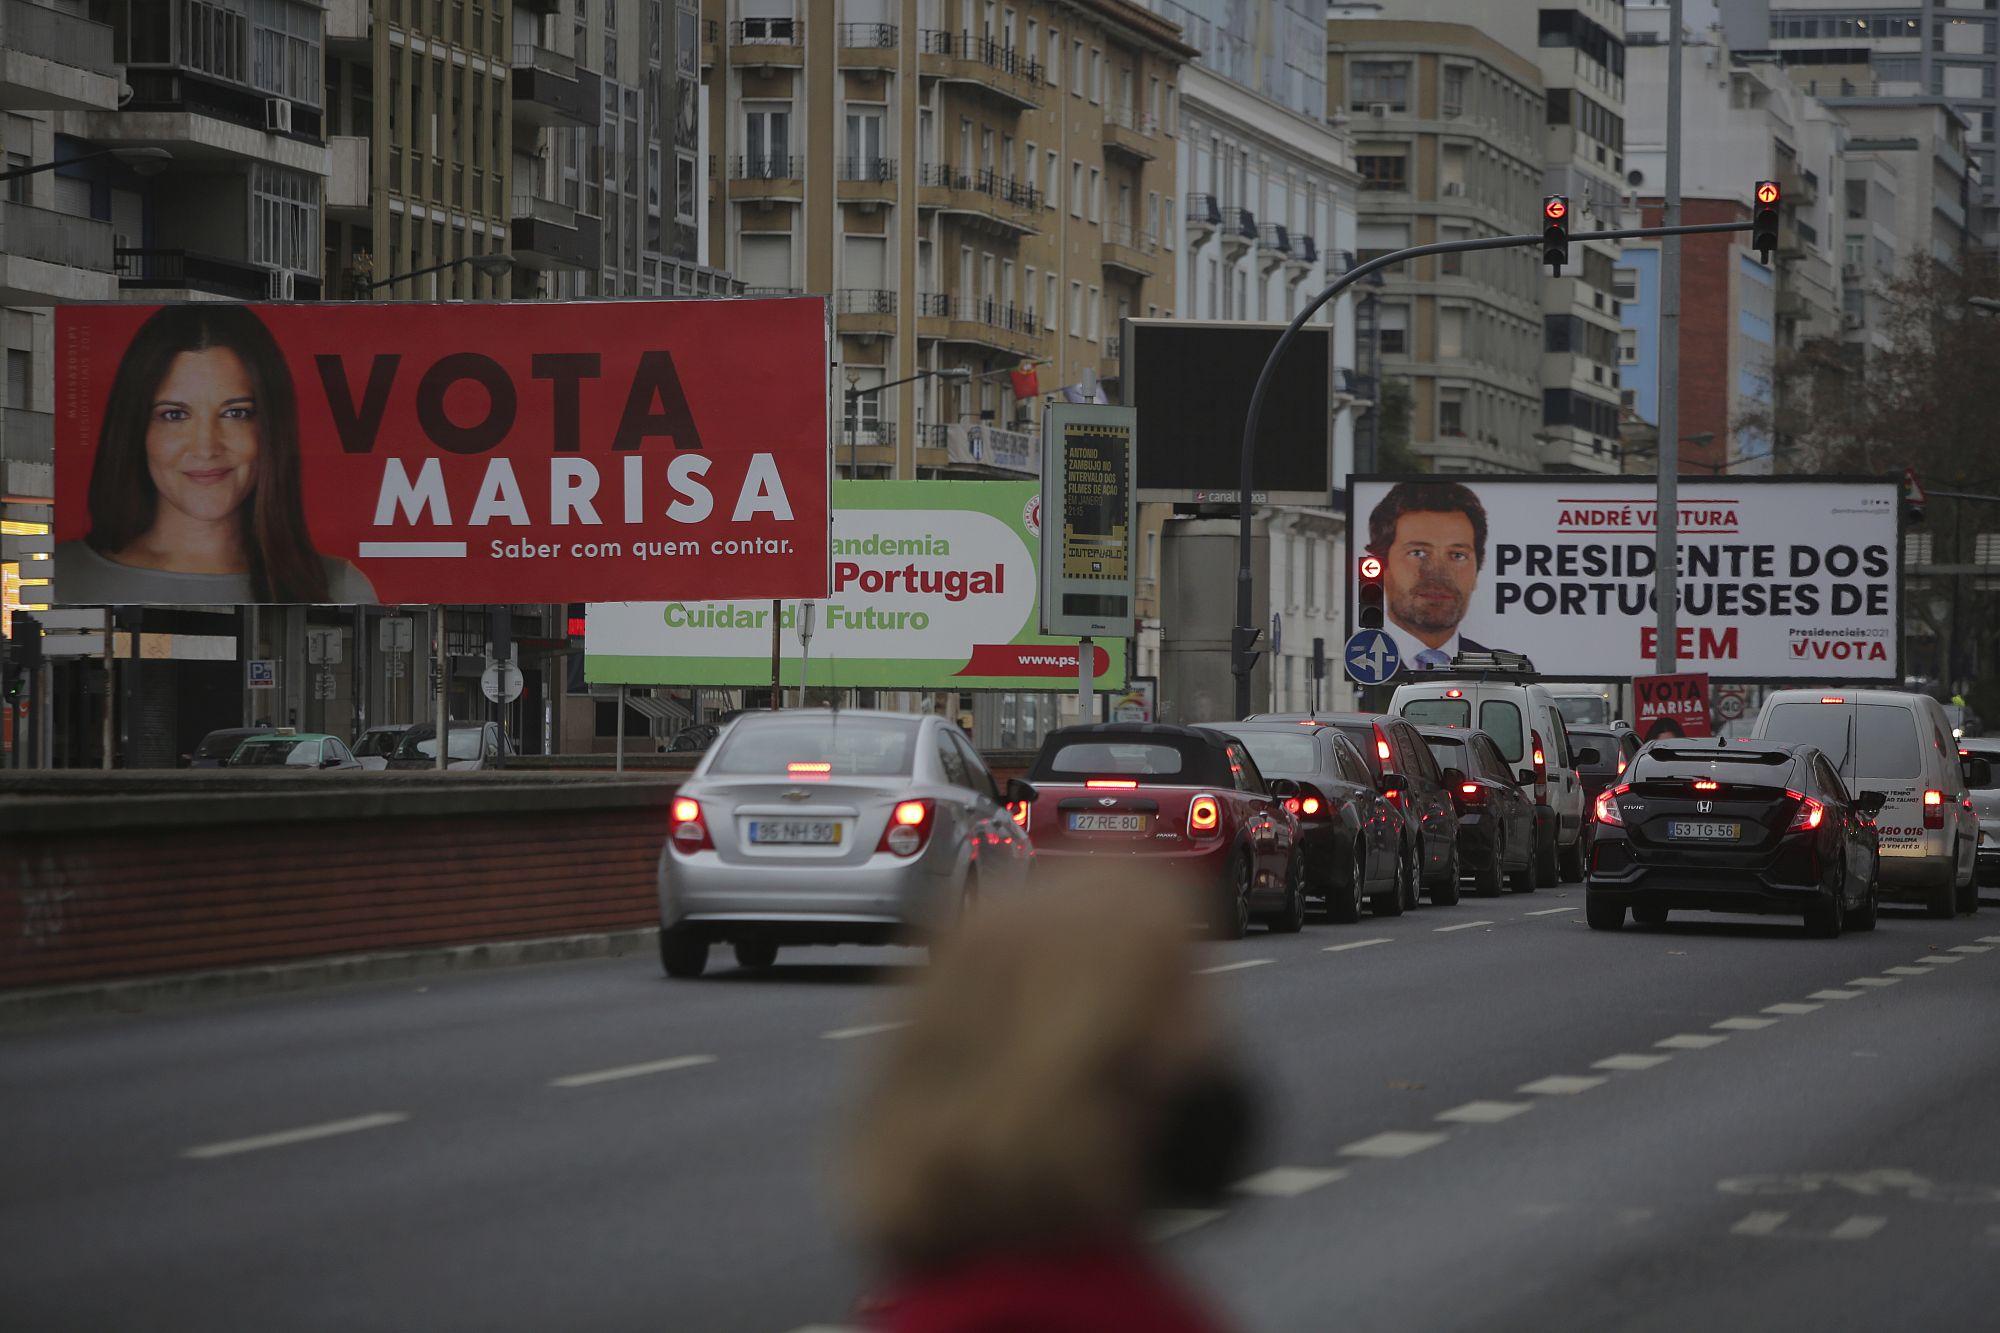 Portugal elige el domingo a su presidente en un contexto de crisis sanitaria y social | Euronews